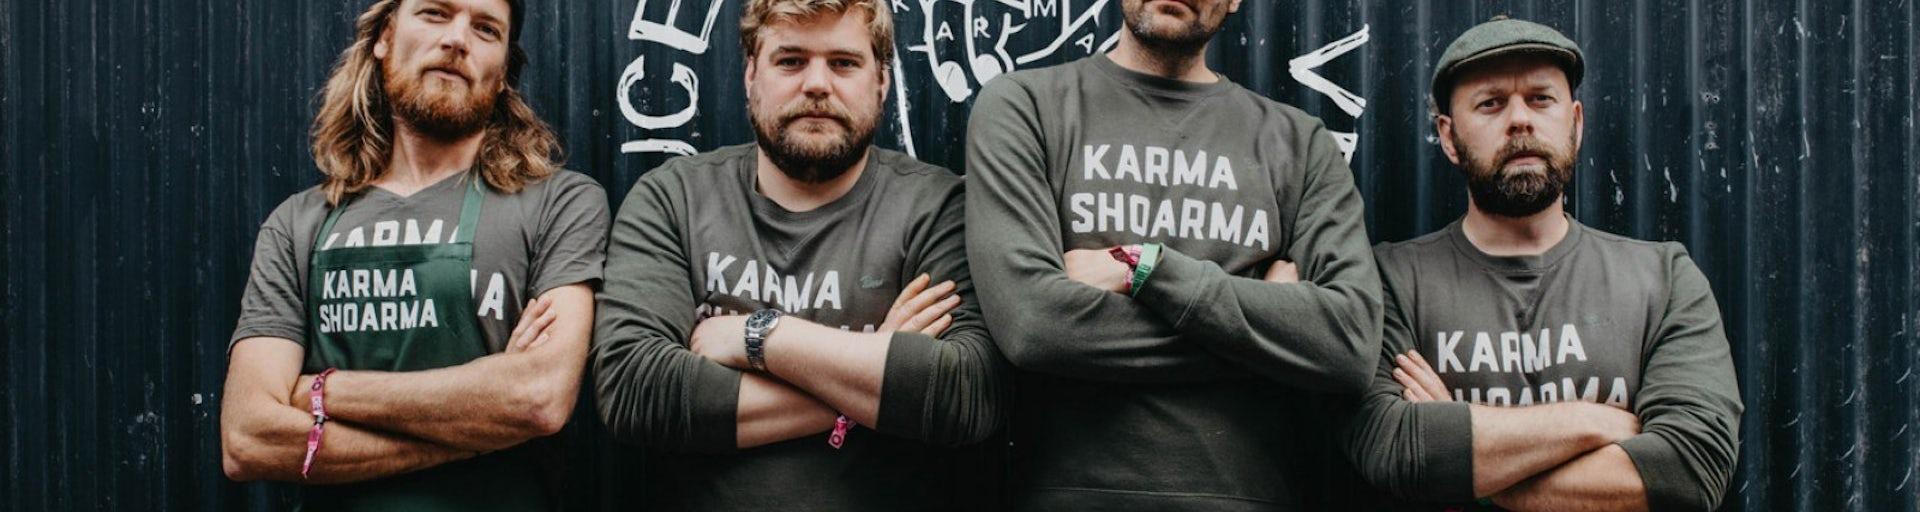 Karmashoarma